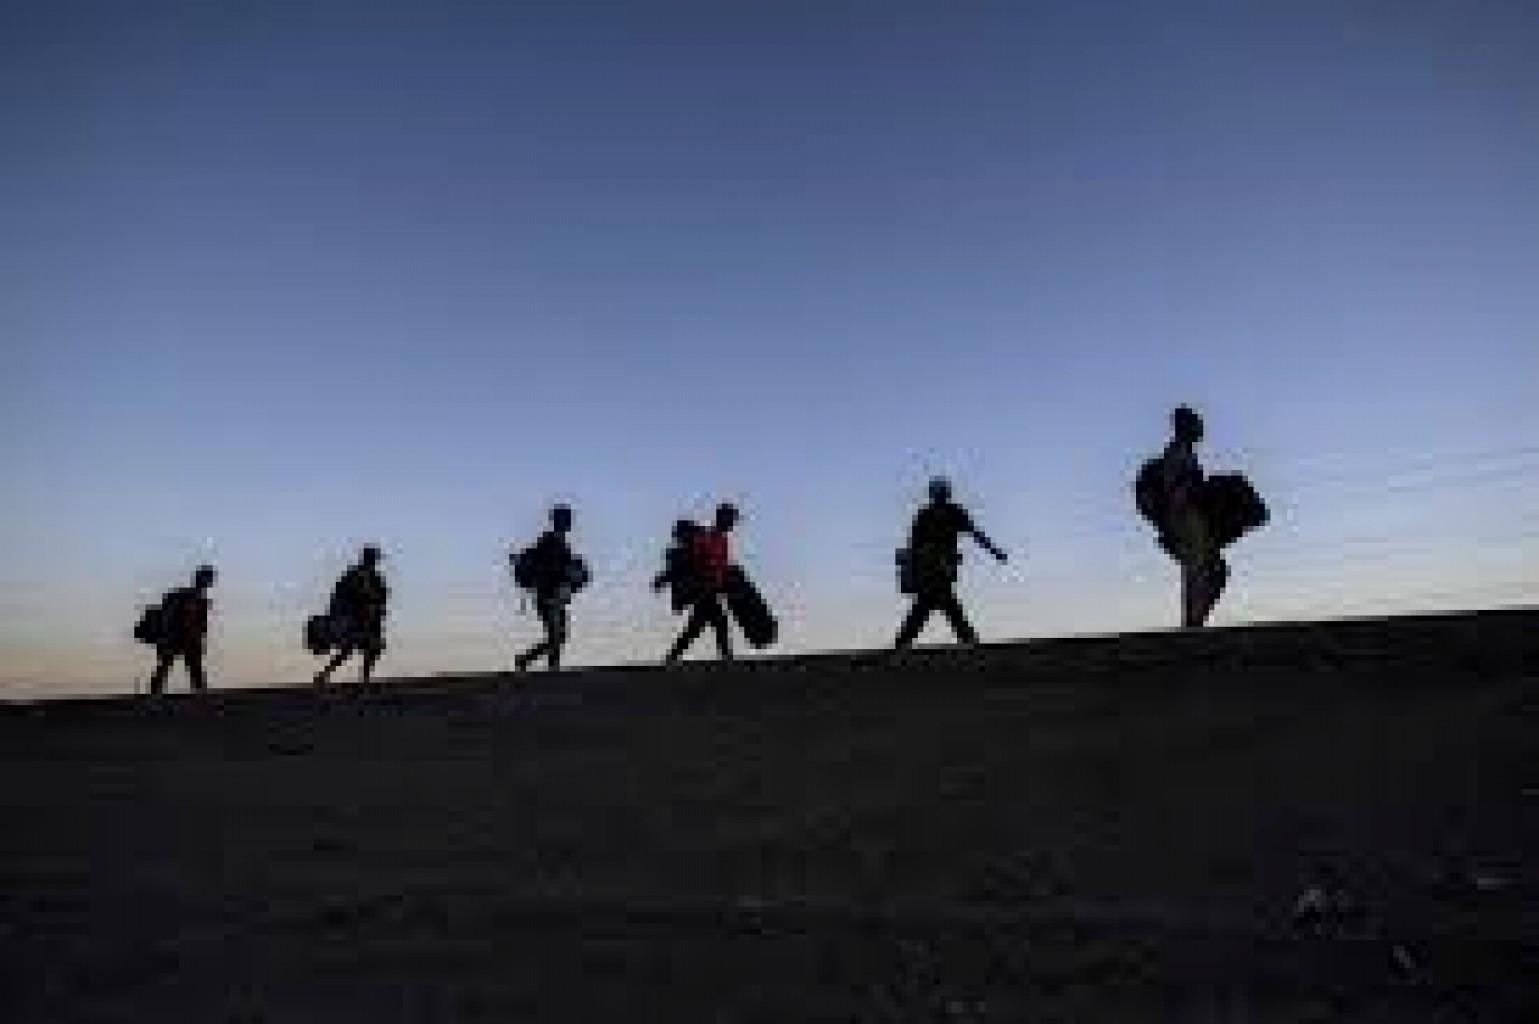 La espiritualidad sustenta el activismo migrant